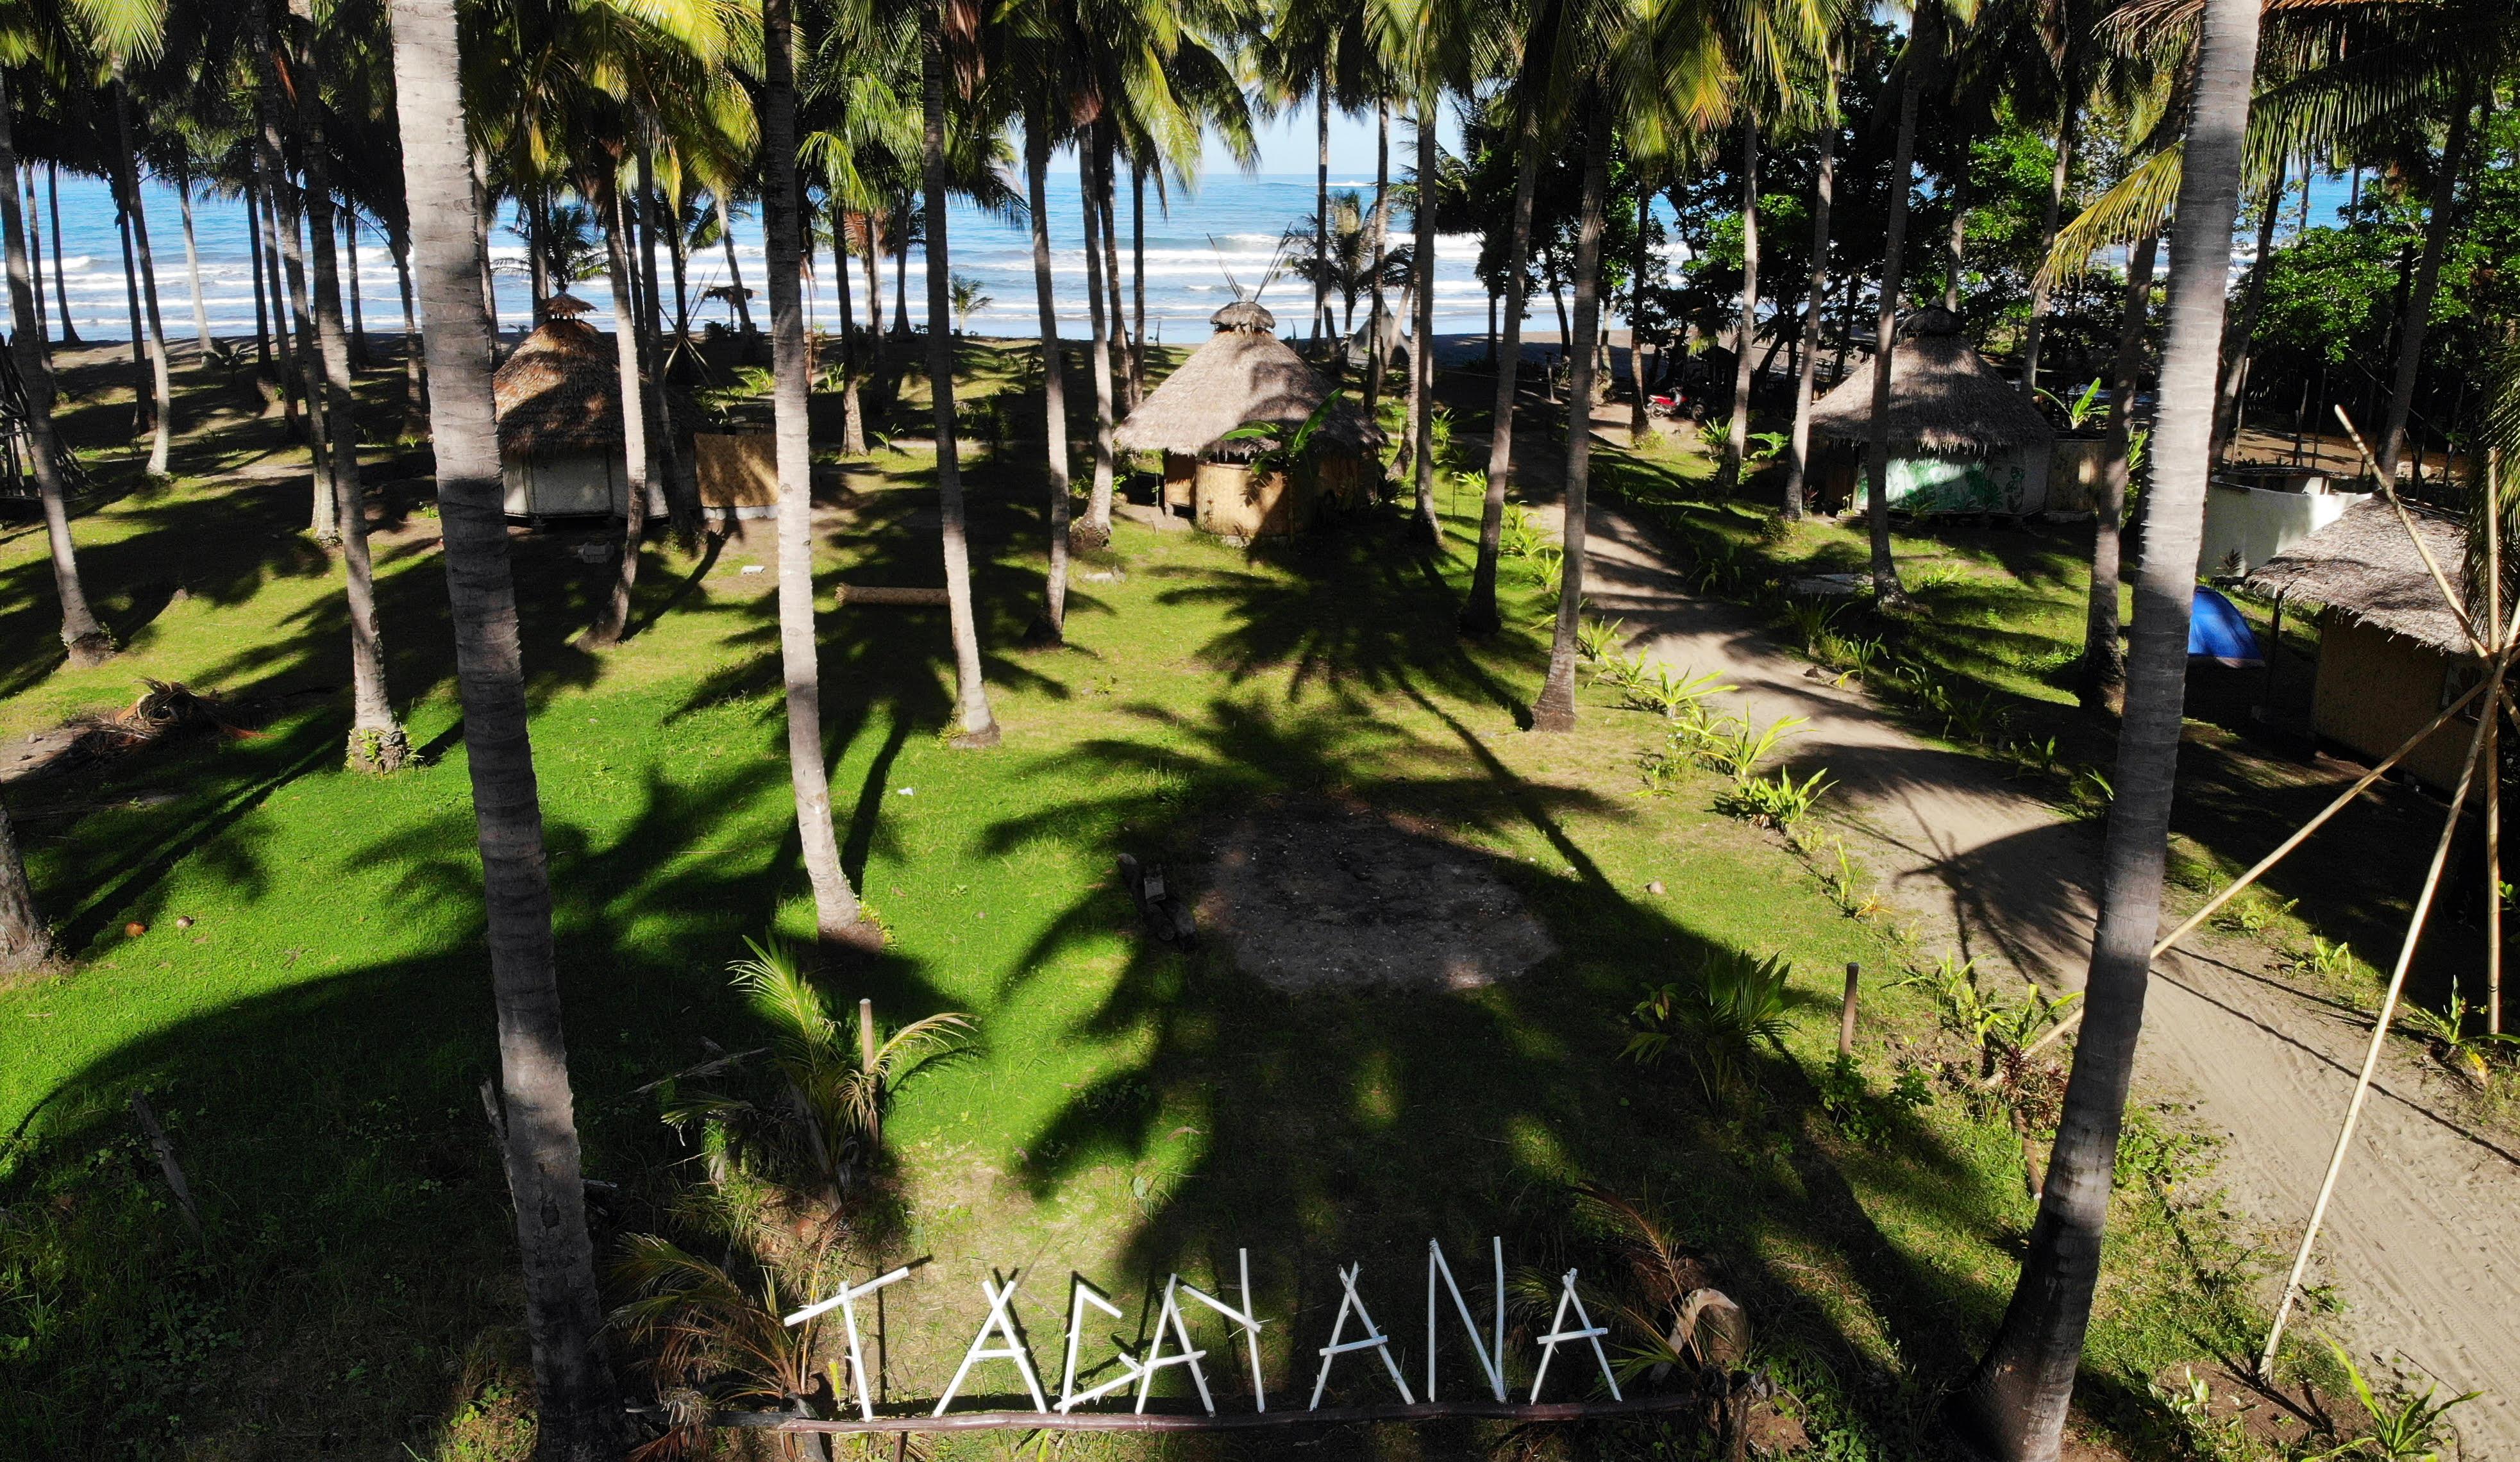 Tagayana, Palawan – místo, kde žijí filipínští kovbojové